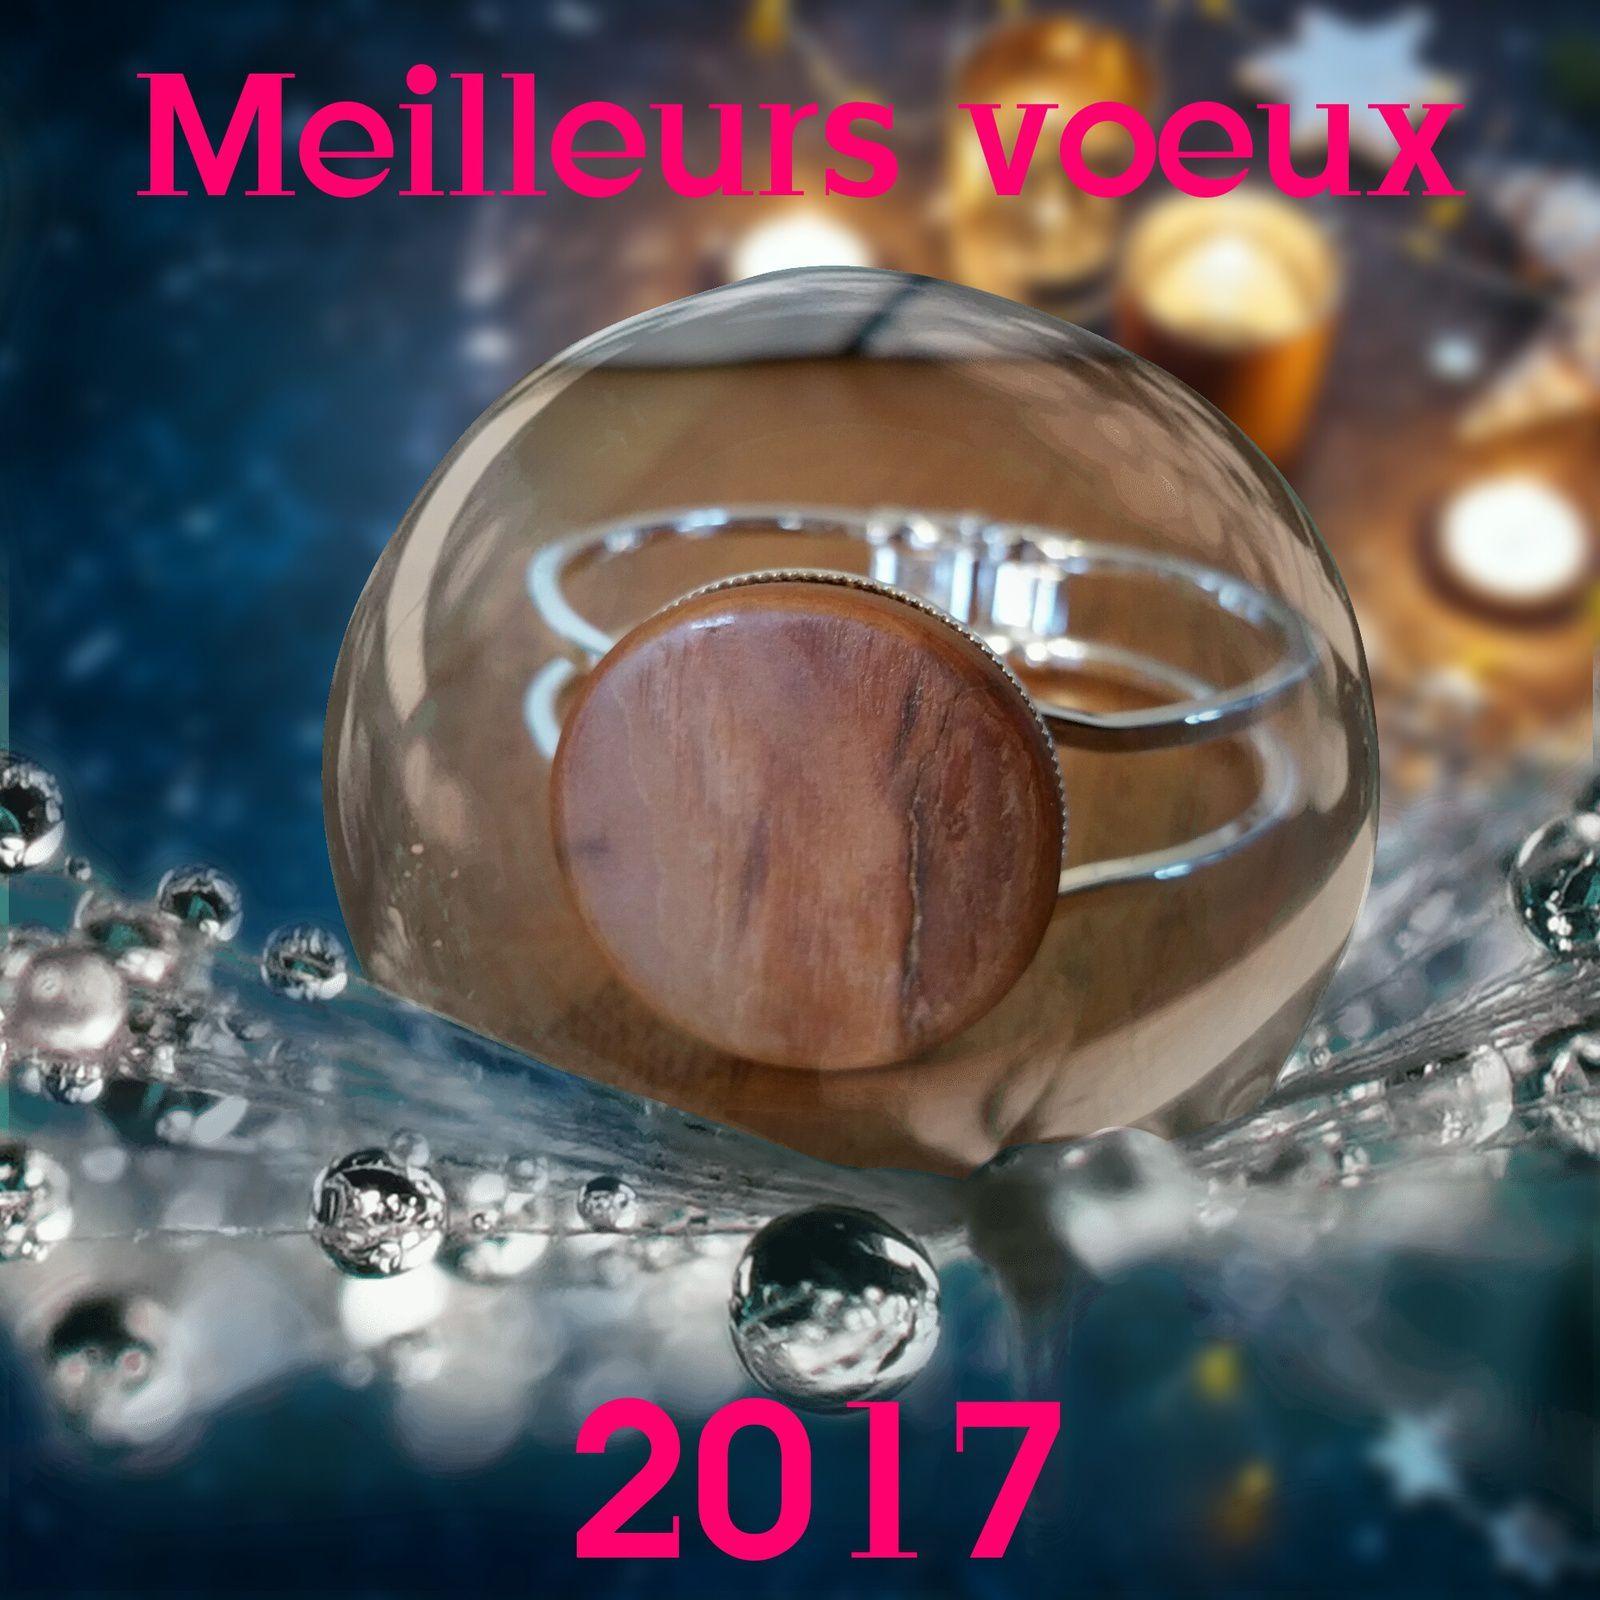 Très bonne année 2017 à vous tous !